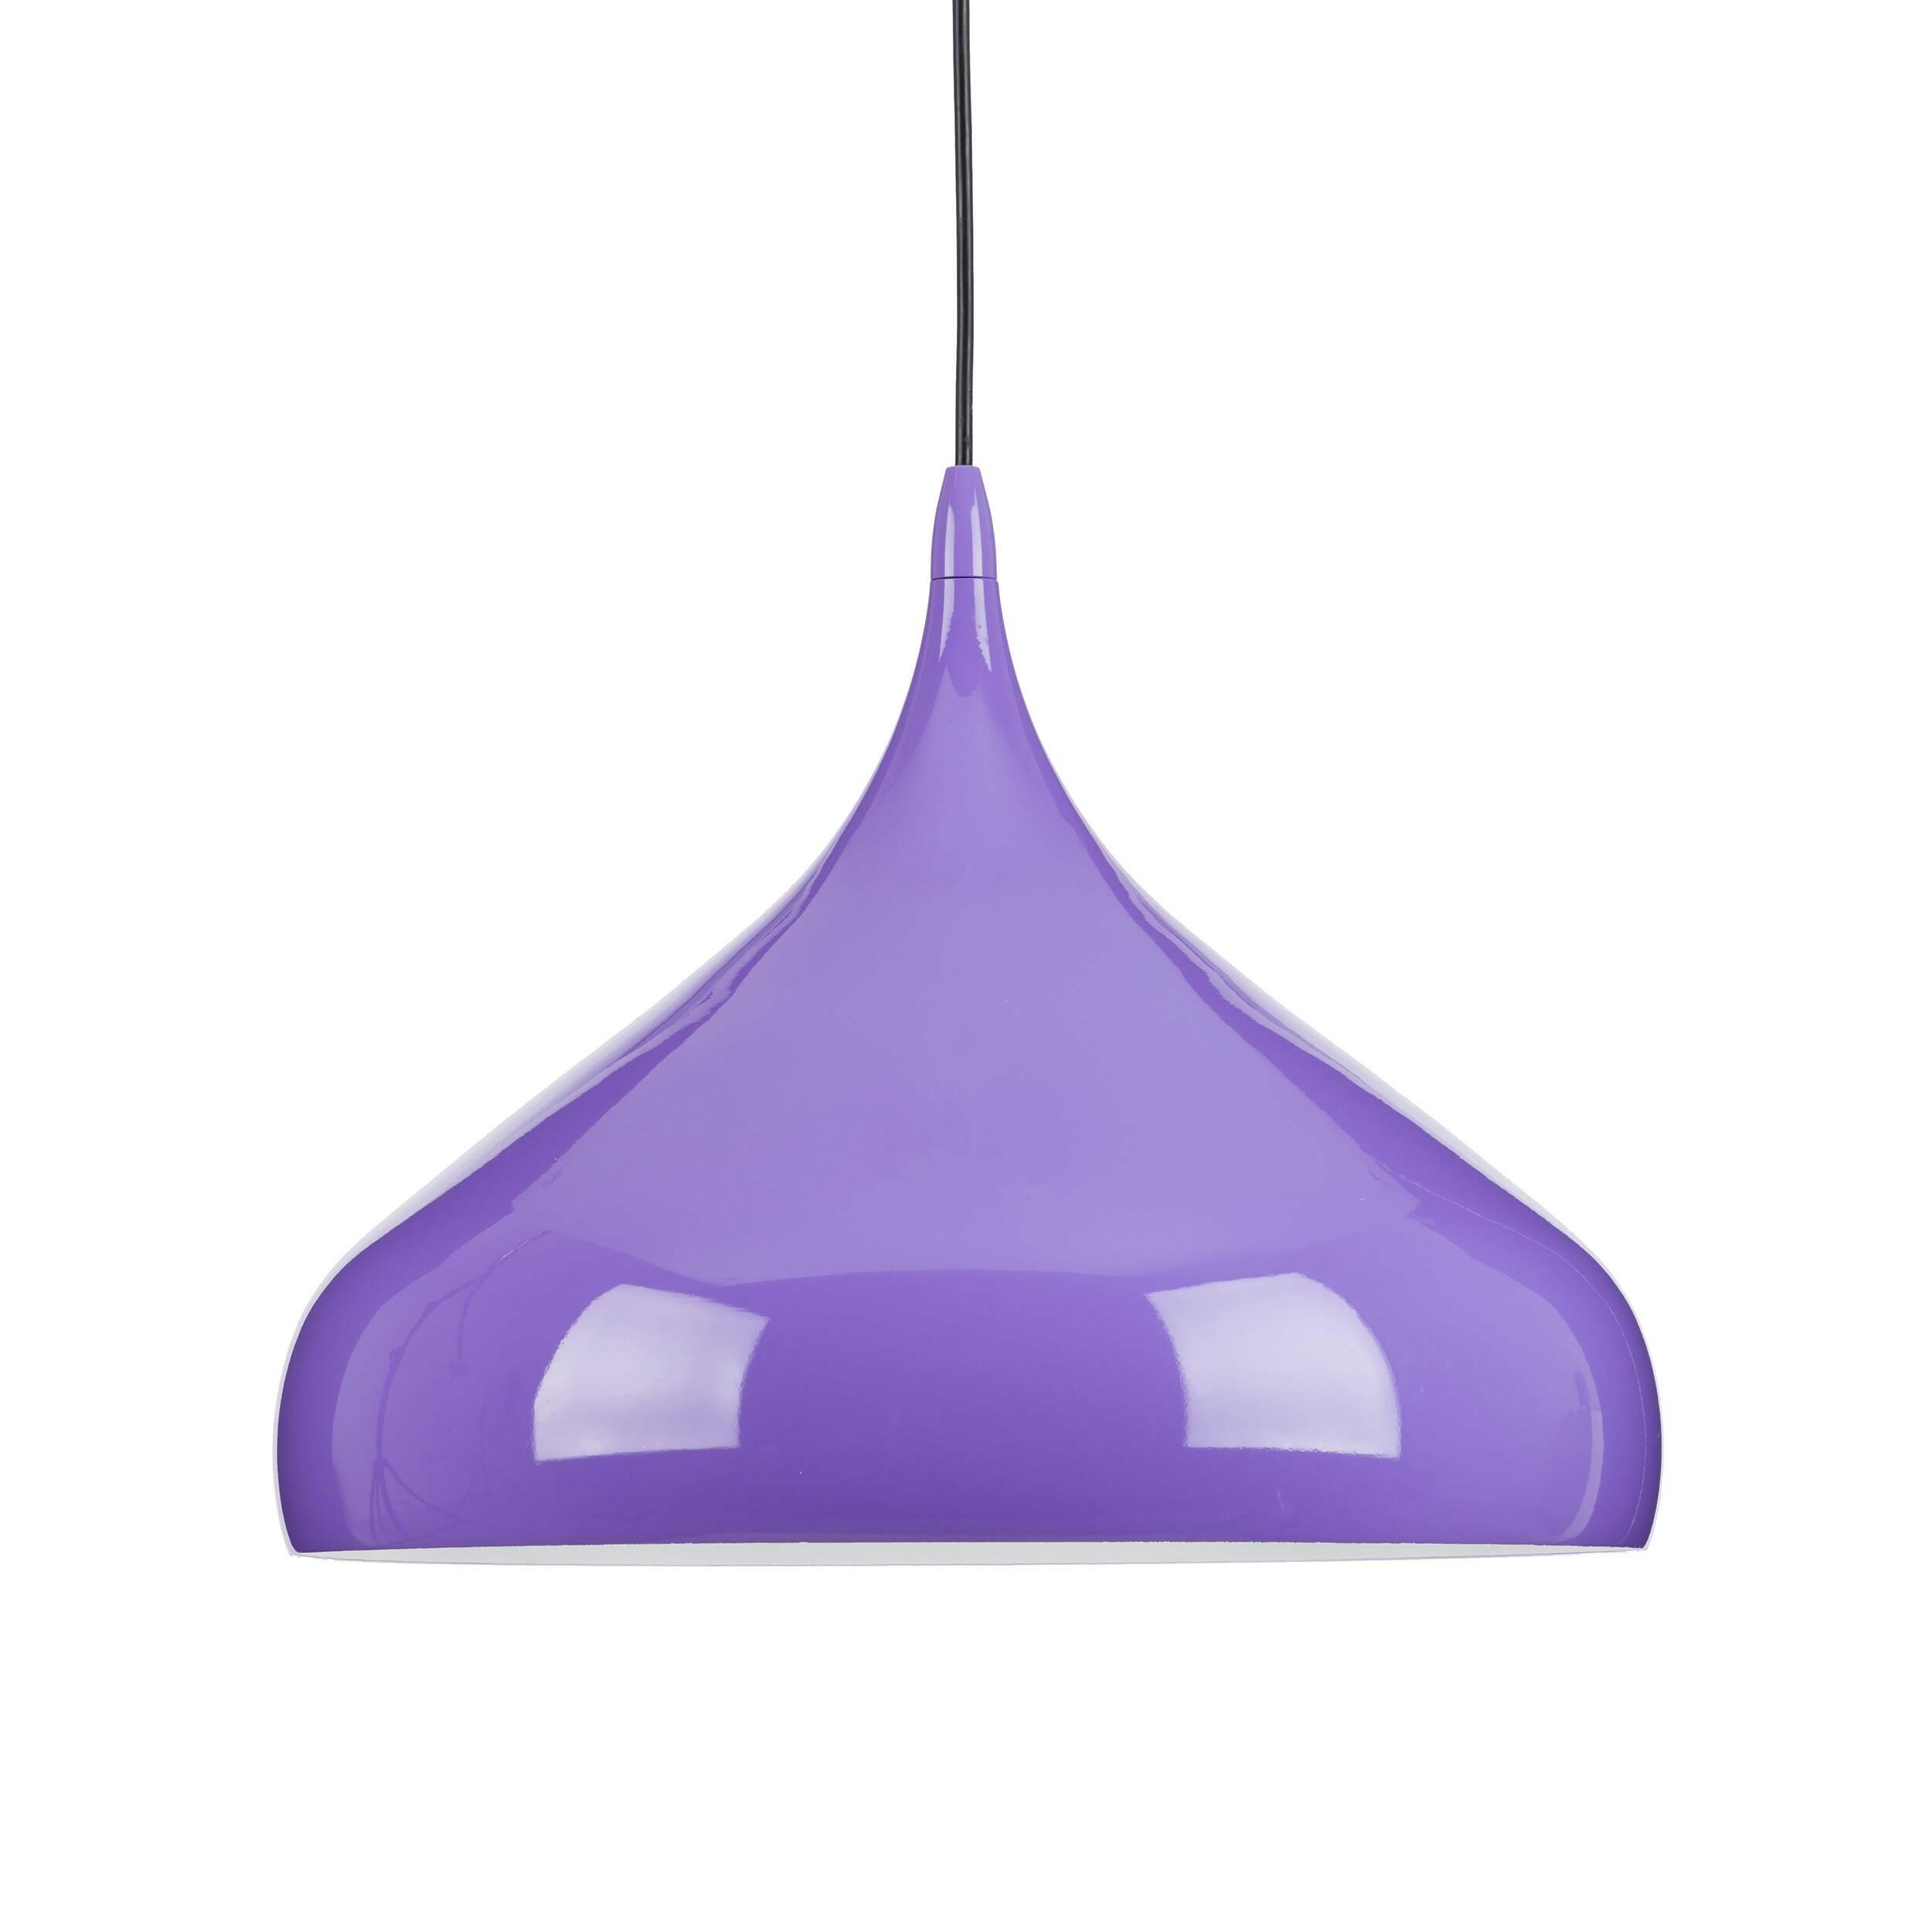 Подвесной светильник Spinning  BH2Подвесные<br>На создание подобной формы люстры, способной наполнить положительными эмоциями, дизайнера вдохновила любимая игрушка детства — волчок. В модели Spinning сочетание формы и назначения преподносится в новой марене. Глянец, соблазнительность и надёжность, которые объединяются воедино в светильнике Spinning претендуют на право называться новой классикой. Дизайнер Бенджамин Хьюберт всегда тщательно ищет неожиданные решения и необычные материалы для своих работ, не торопясь и уделяя особое внима...<br><br>stock: 5<br>Высота: 150<br>Диаметр: 41<br>Количество ламп: 1<br>Материал абажура: Алюминий<br>Мощность лампы: 60<br>Ламп в комплекте: Нет<br>Напряжение: 220<br>Тип лампы/цоколь: E27<br>Цвет абажура: Фиолетовый